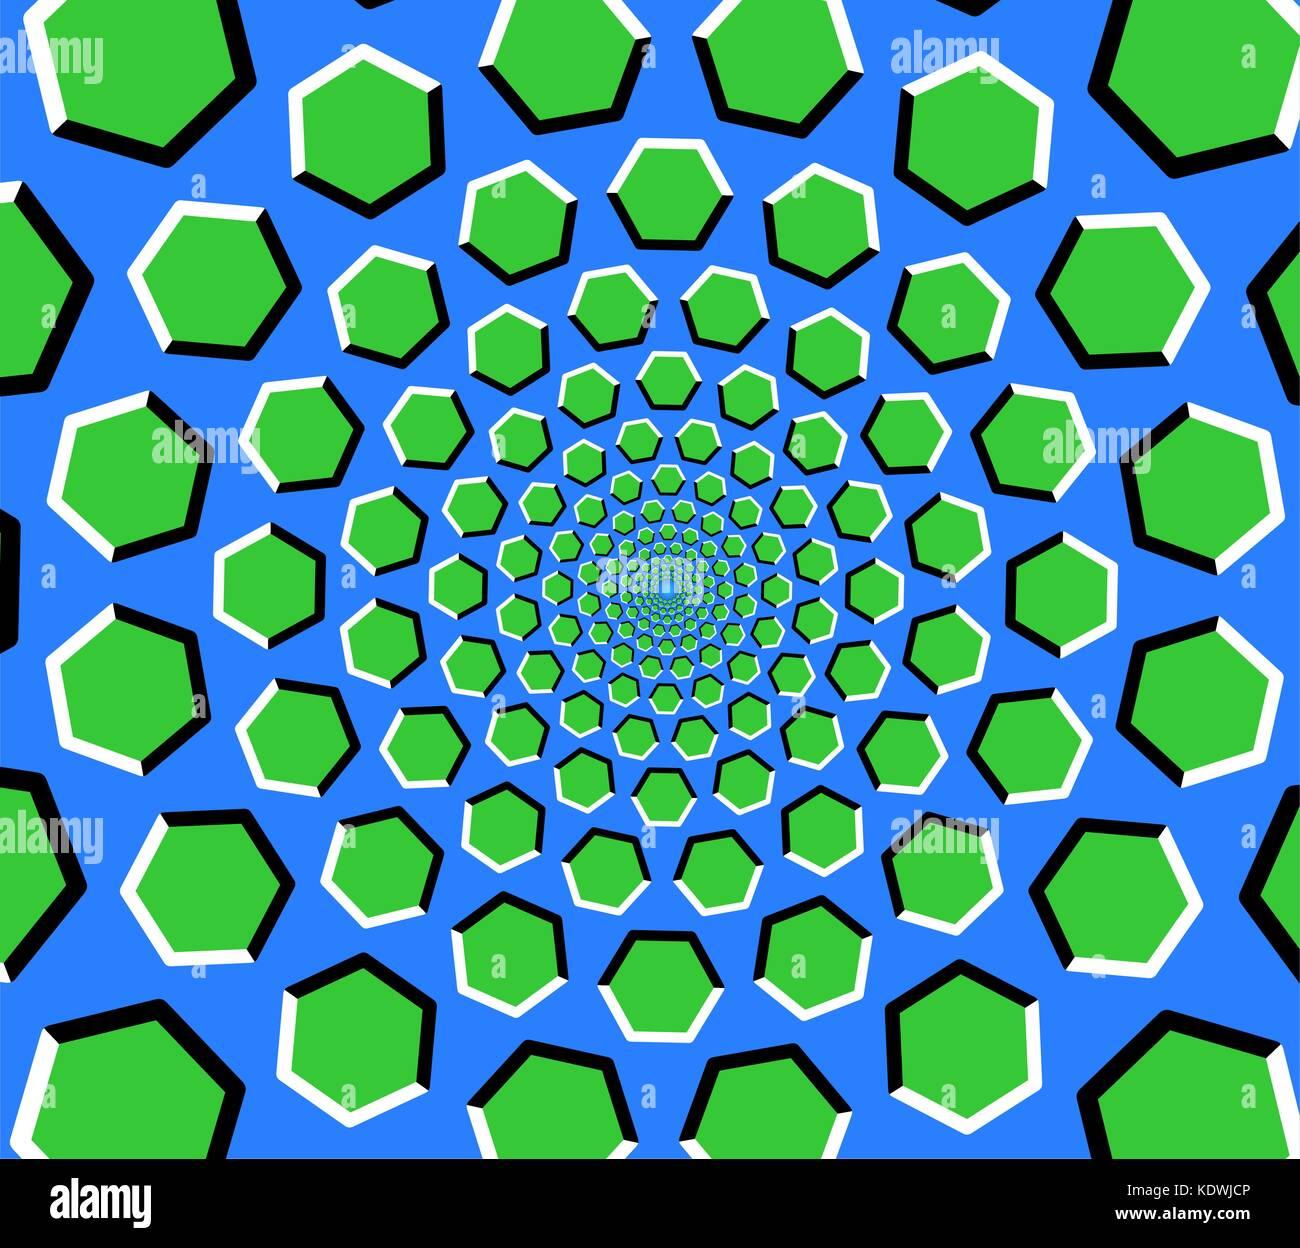 Rotating Illusion Stockfotos & Rotating Illusion Bilder - Alamy